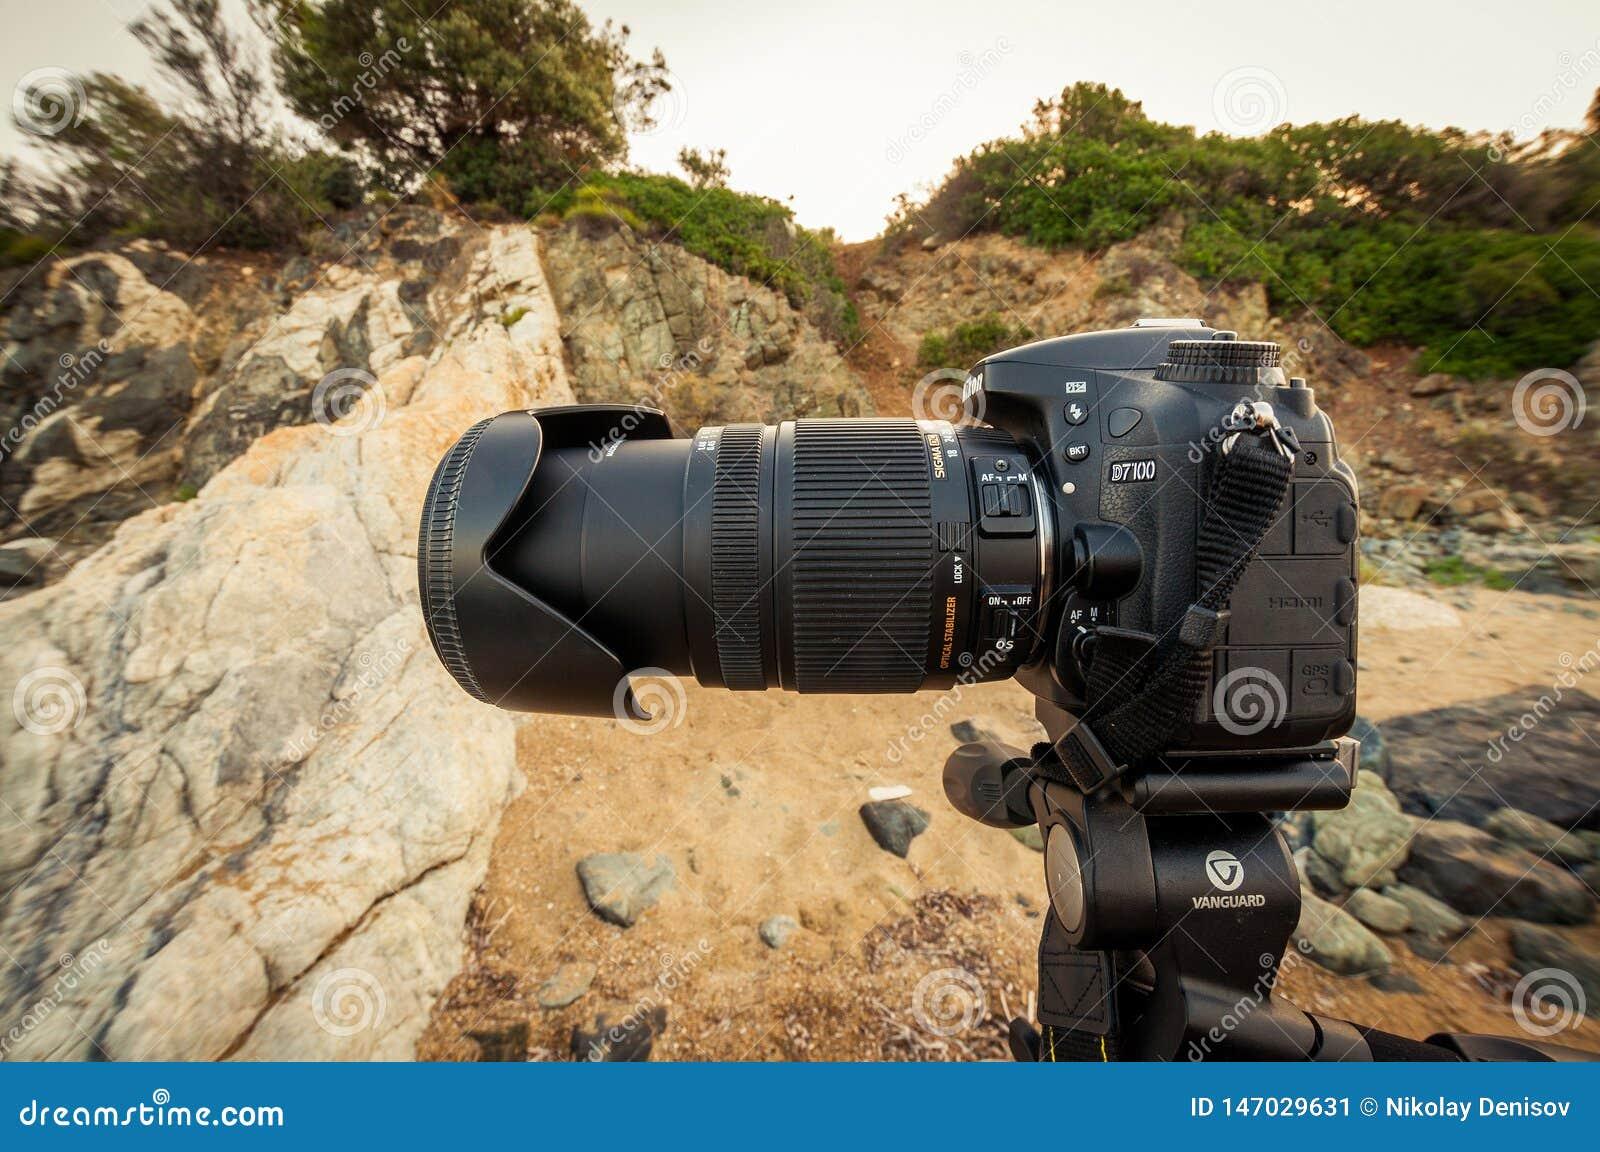 De camera Nikon D7100 is PRO op een driepootvoorhoede Alta en een grote tele-lenssigma 18-250 mm